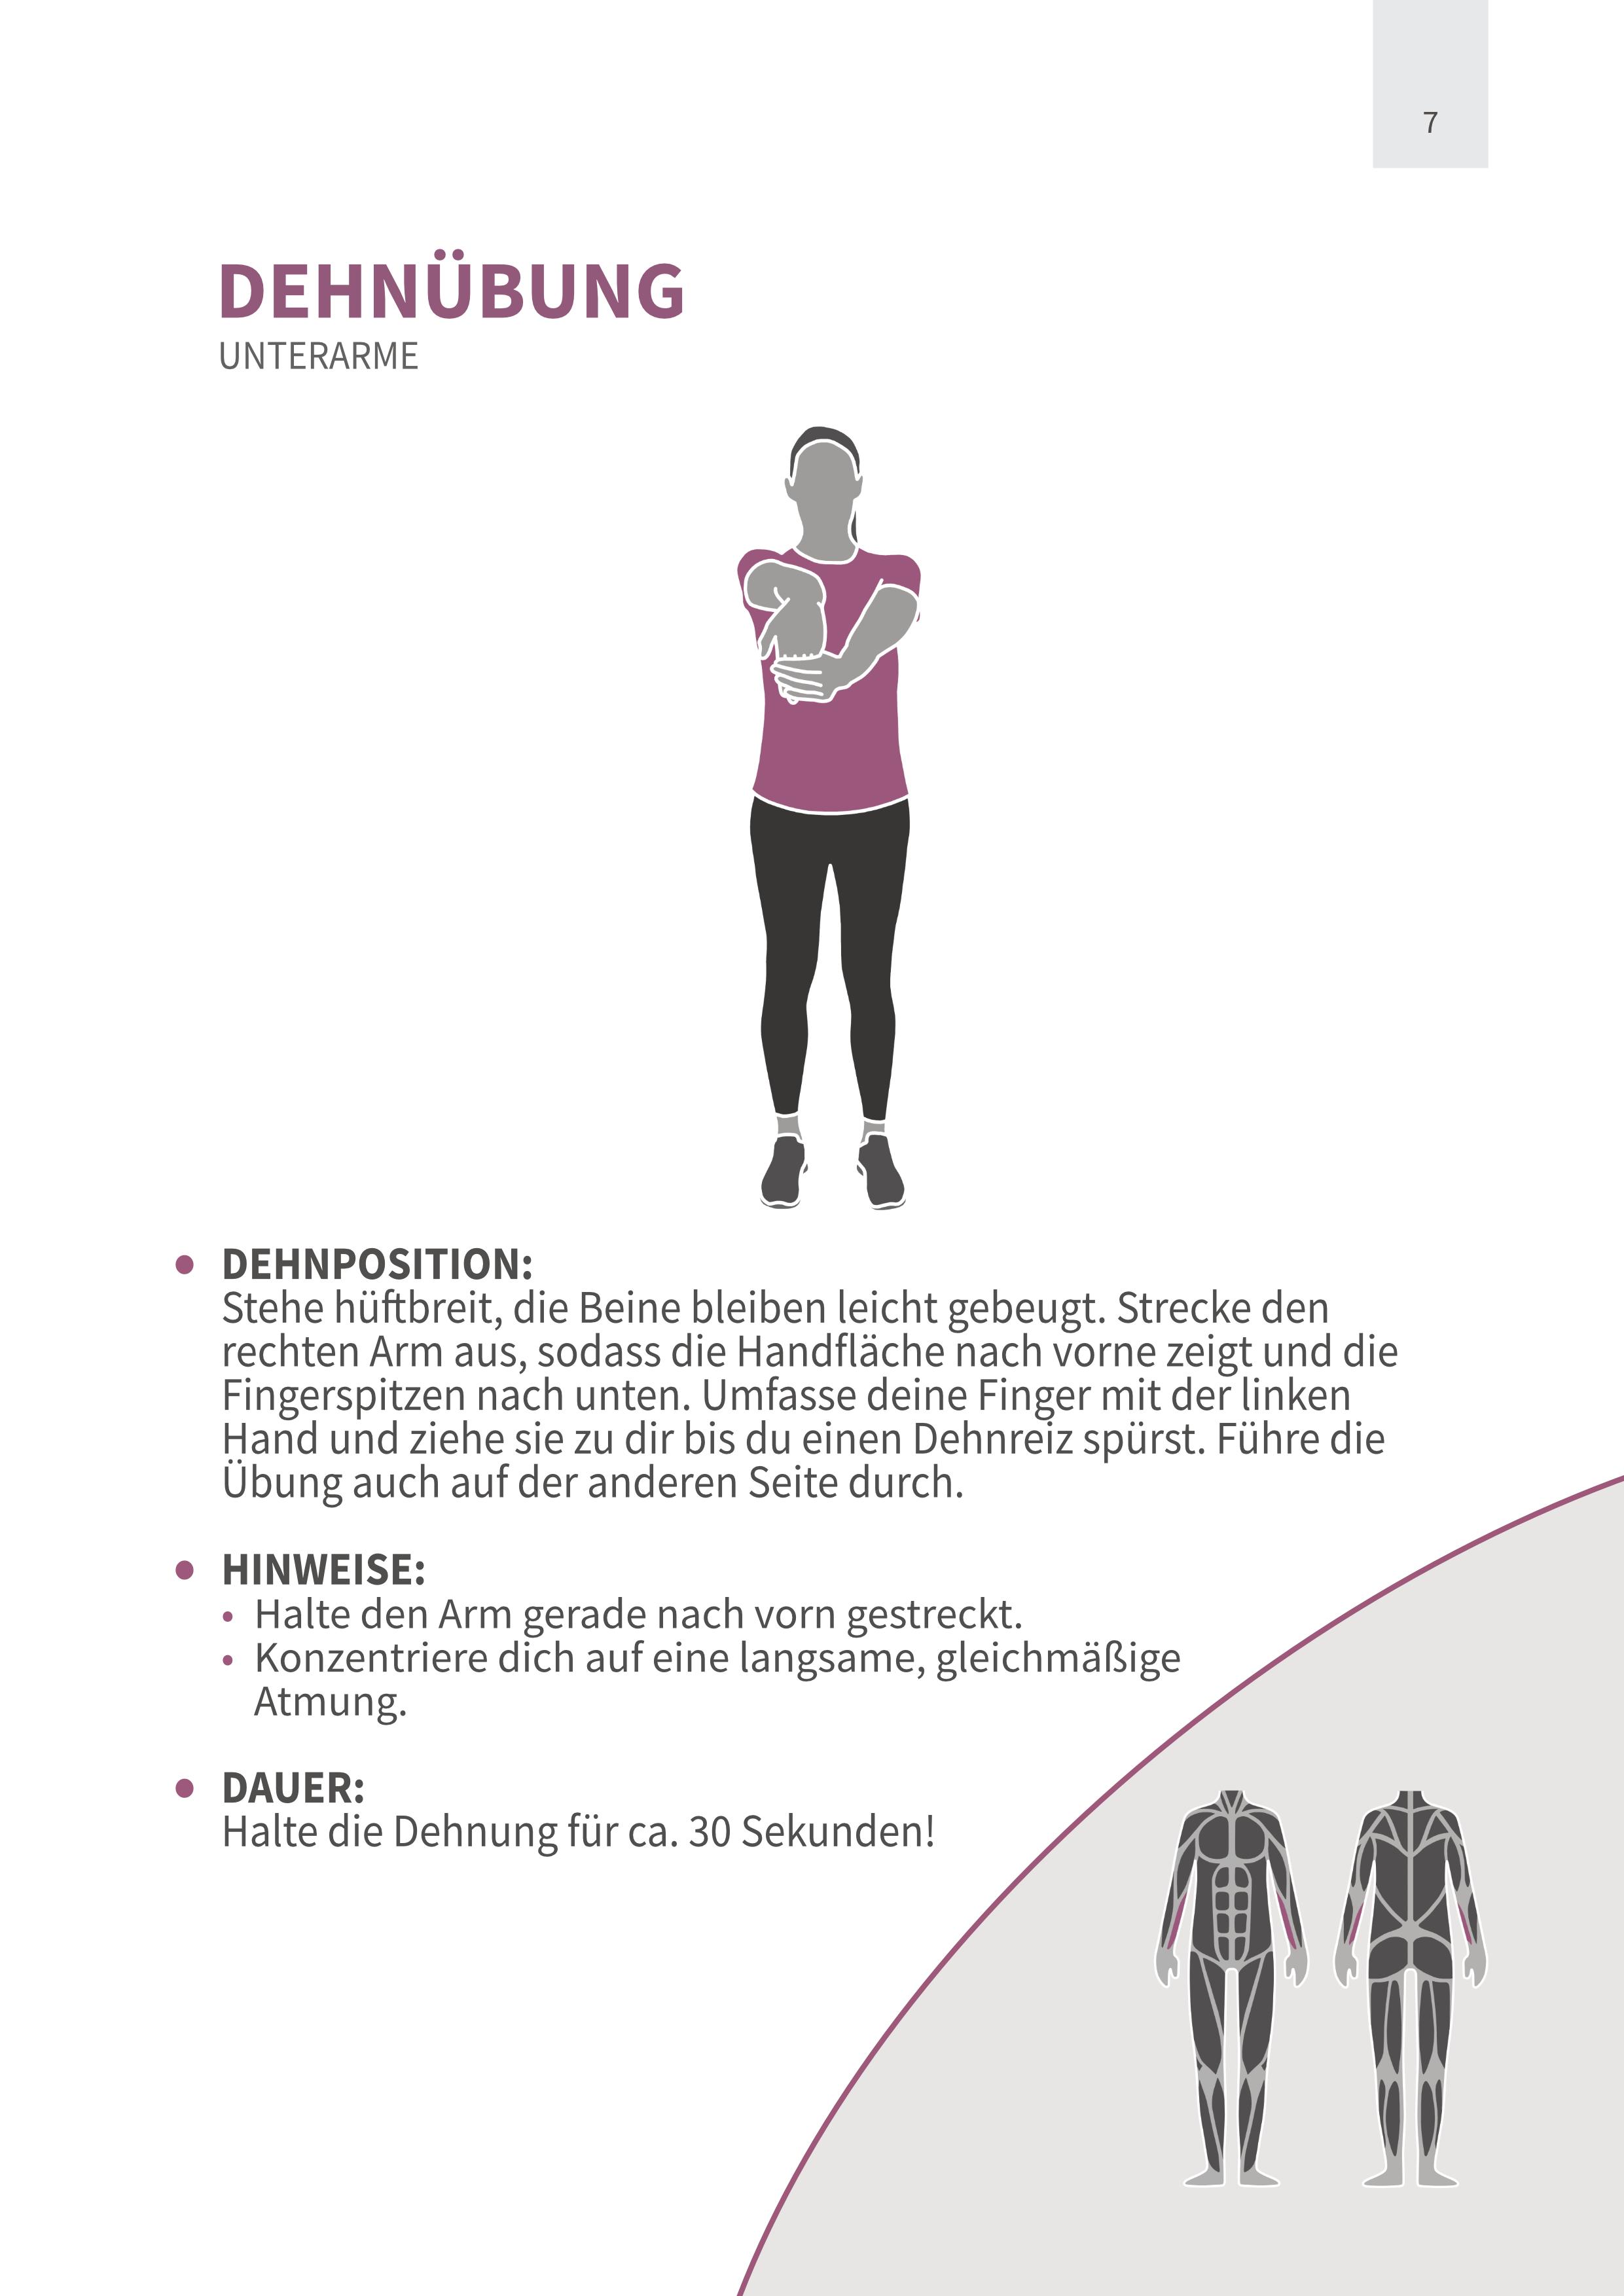 Dehnübung Unterarme